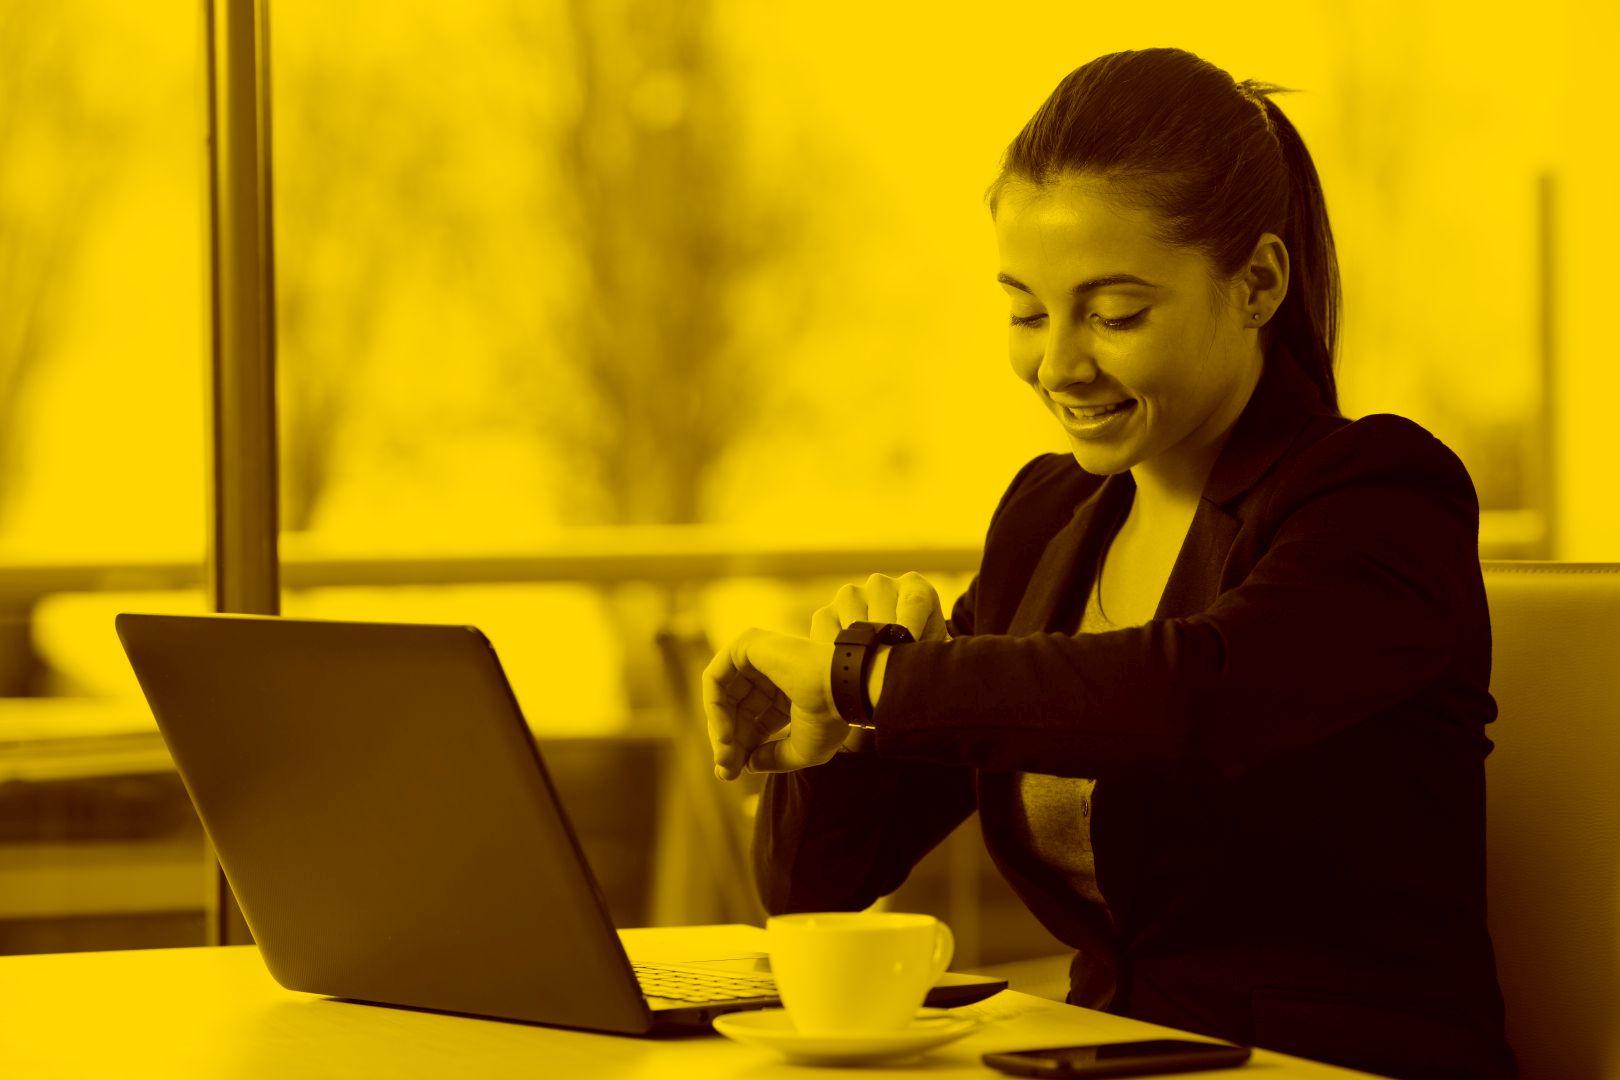 Versicherungsmakrlerin arbeitet mit Salia Maklersoftware in der maja.cloud und guckt auf ihre Uhr